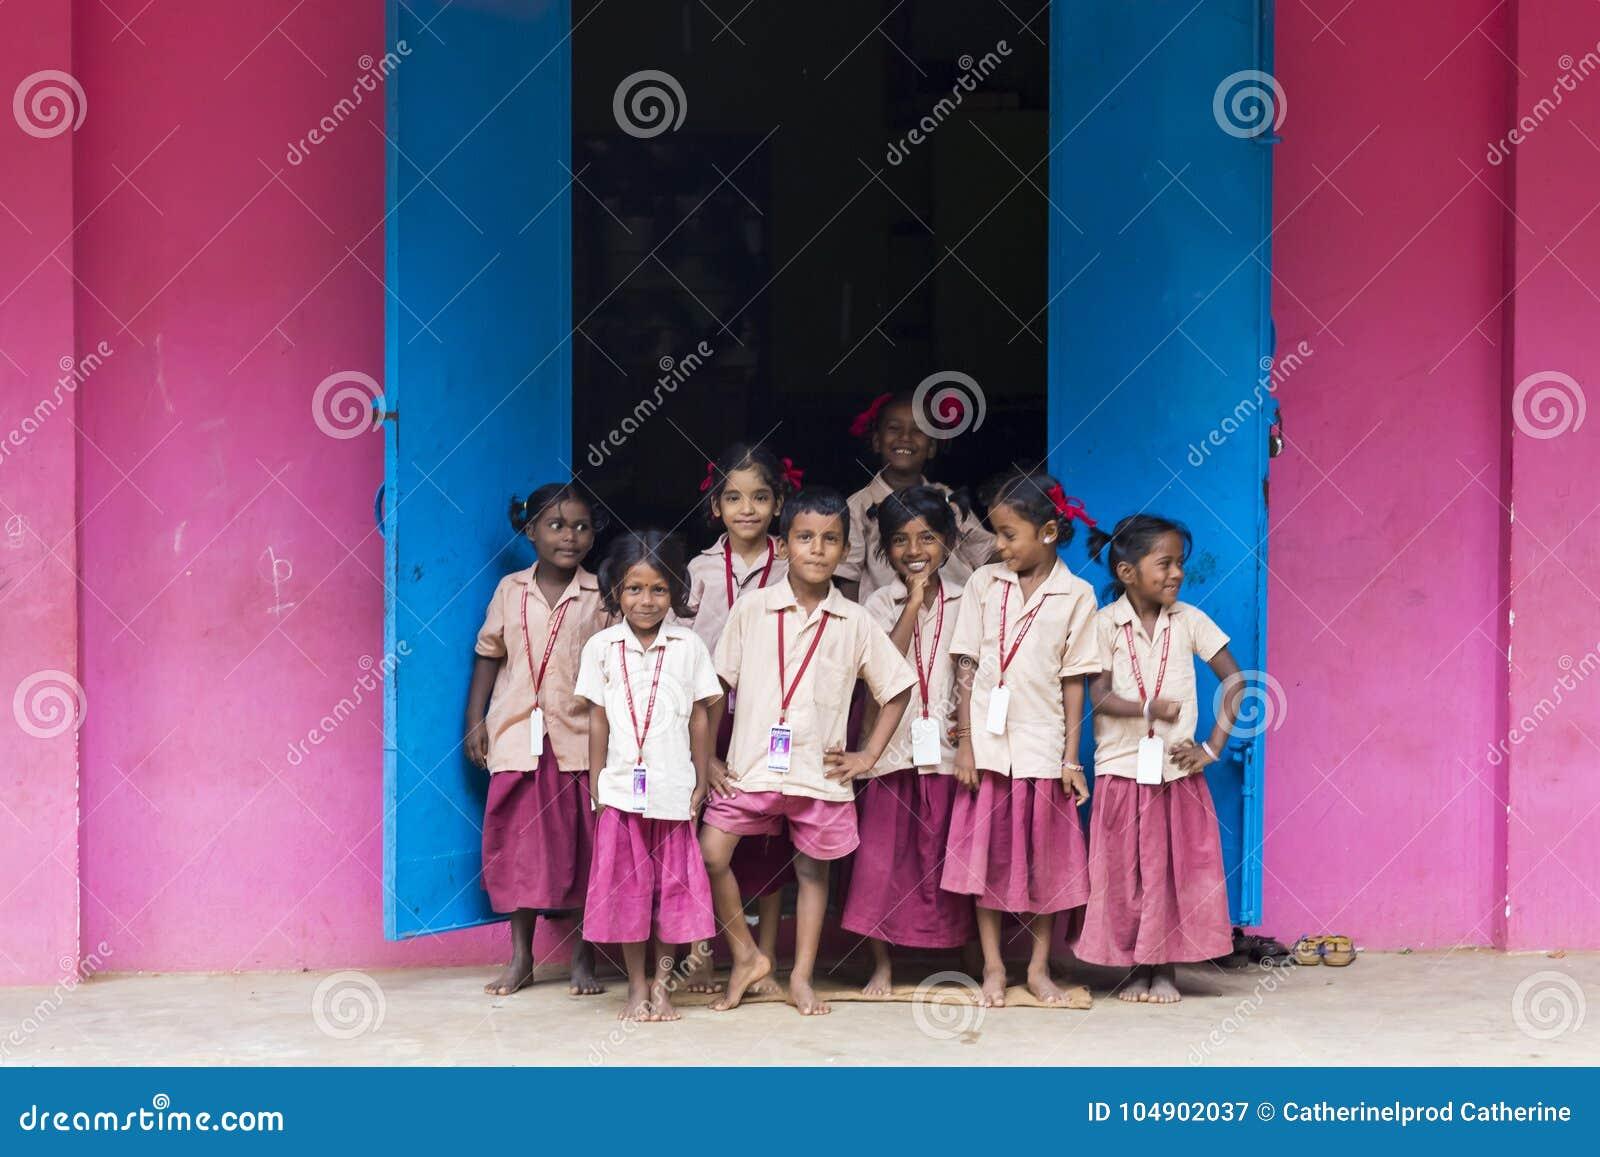 Репортажно-документальное редакционное изображение Ребеята школьного возраста за окном